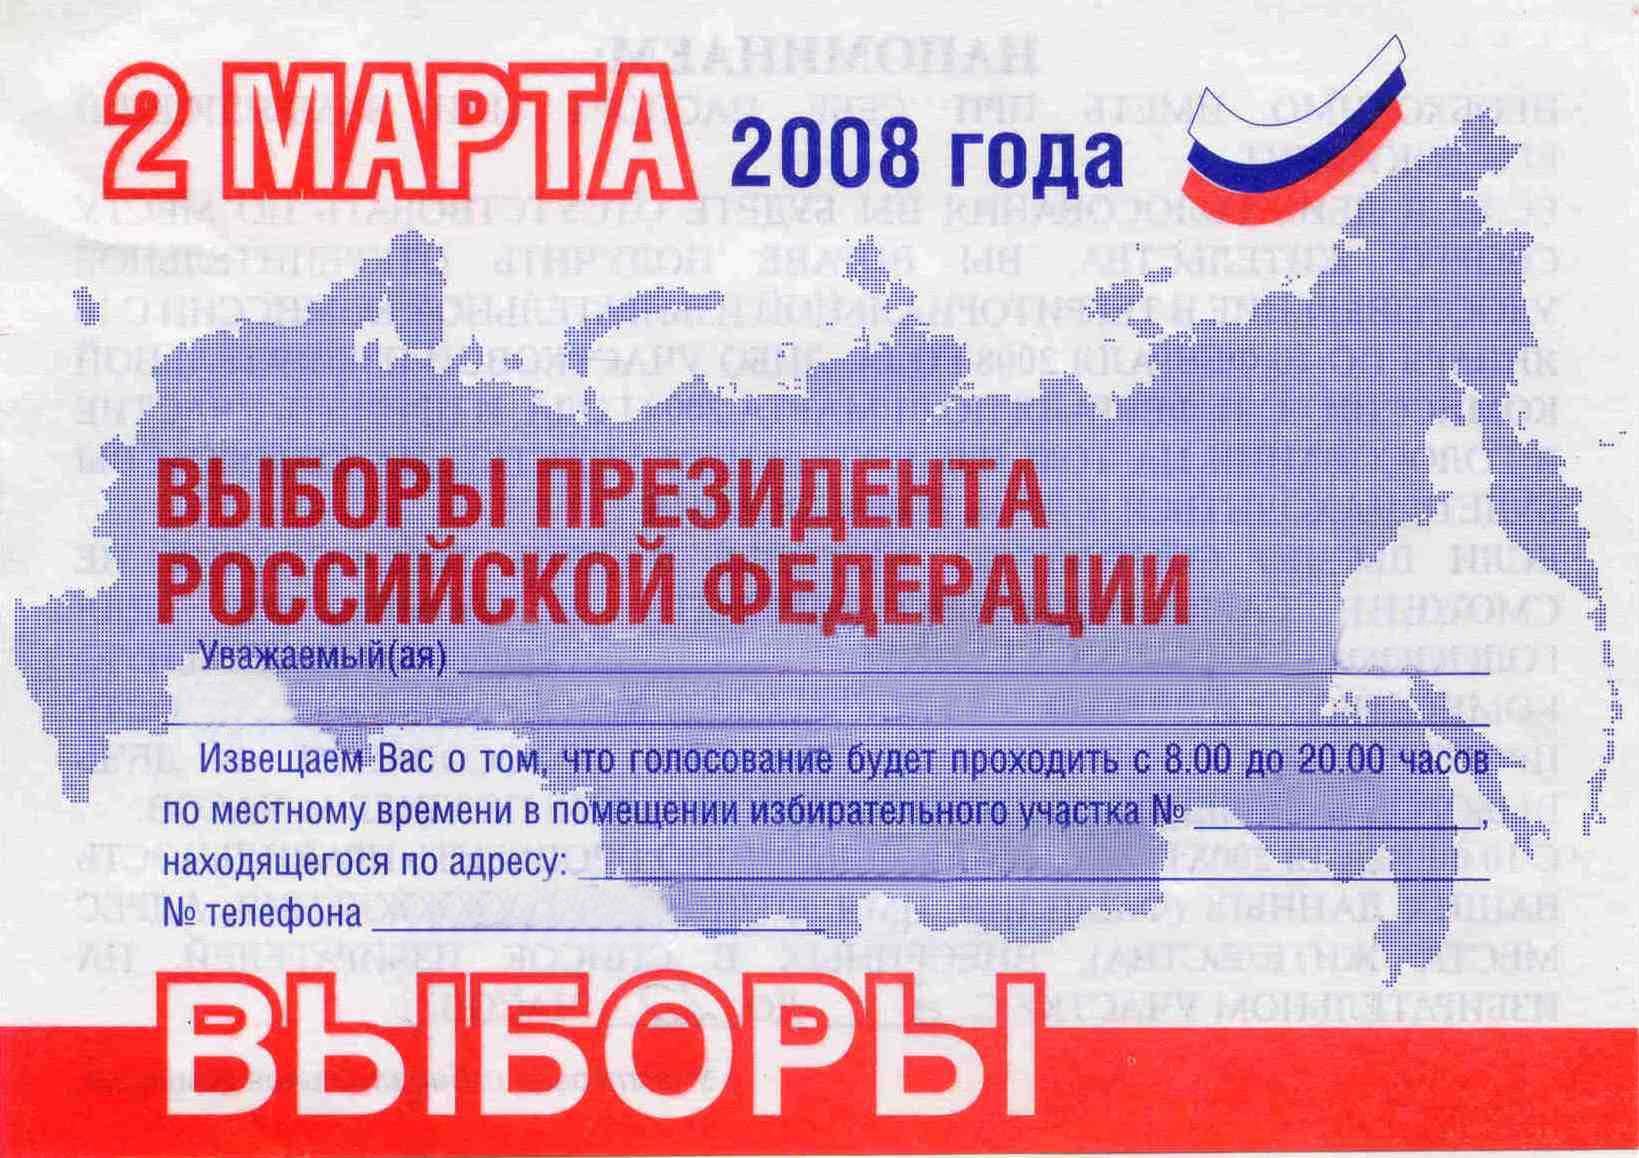 Приглашения на выборы впервые голосующих, внутри